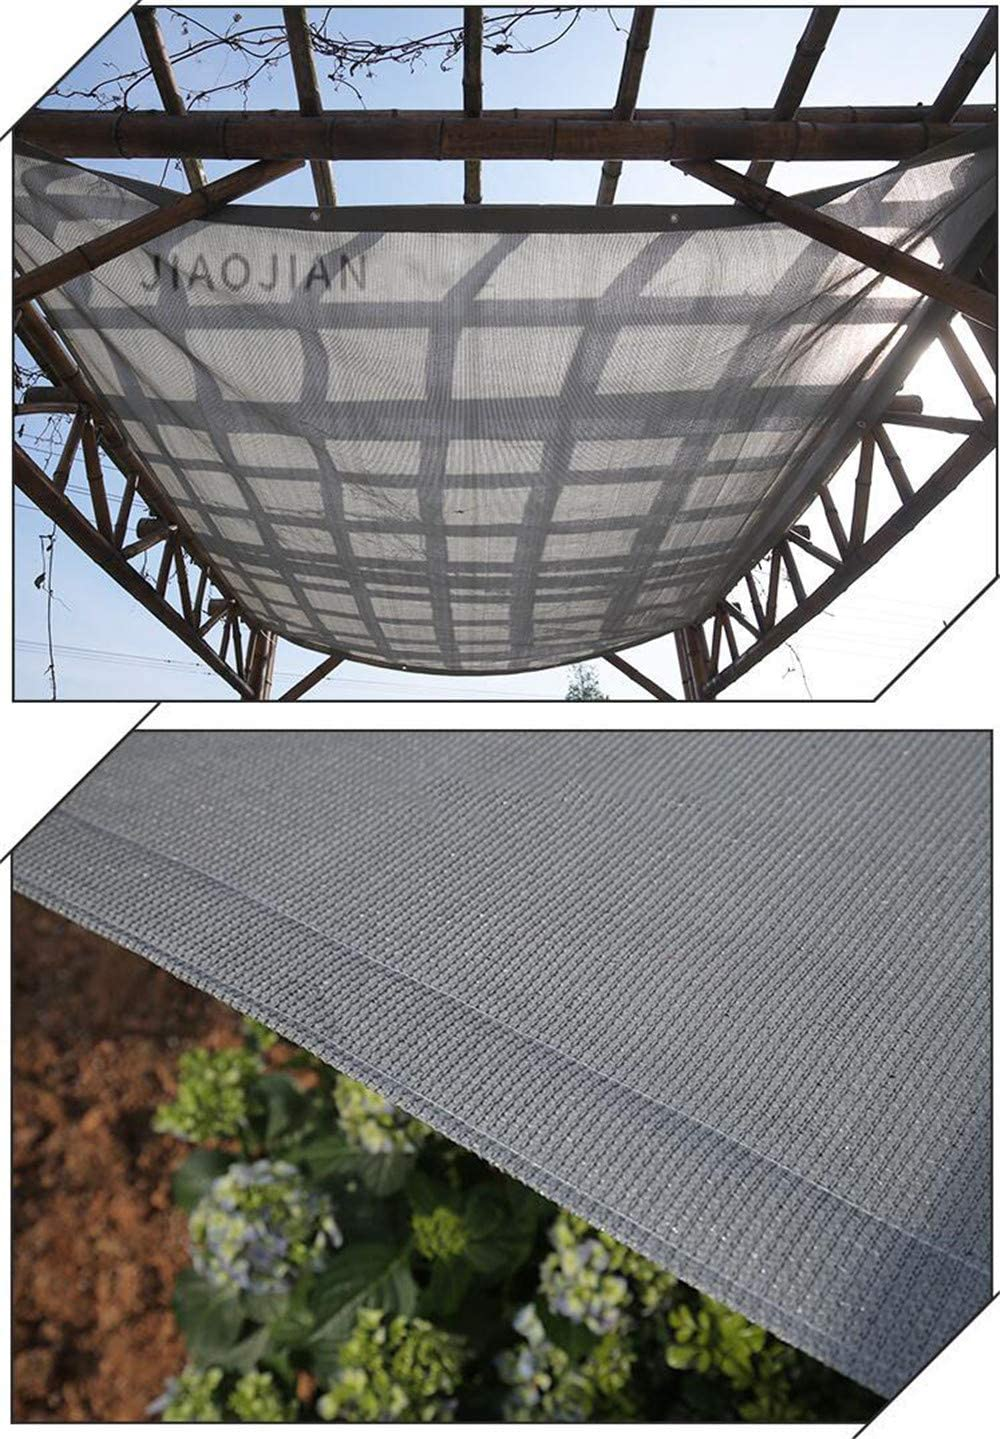 Sunshade Net Sunscreen,Tela Gris 180 HDPE De gsm hasta 95/% De Bloqueo De Malla De Malla Resistente A Los Rayos UV,para Jard/ín Exterior Patio Jard/ín Planta Granero Invernadero,1/×1m